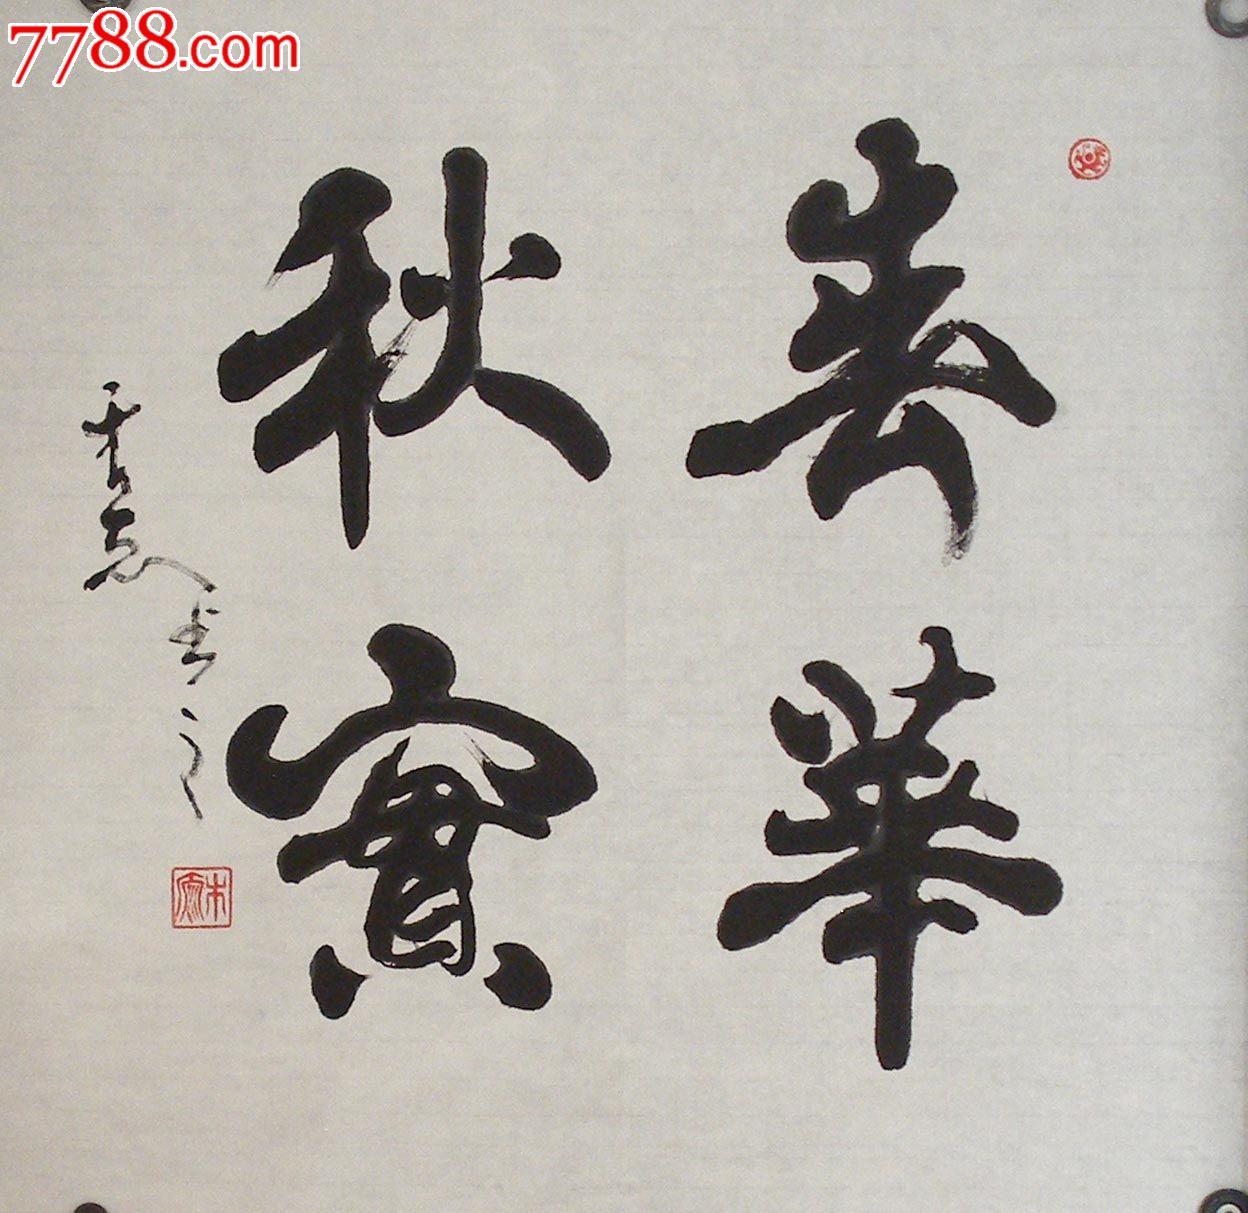 """名家书法精品行书斗方""""春华秋实""""清仓58元狂甩包快哈!图片"""